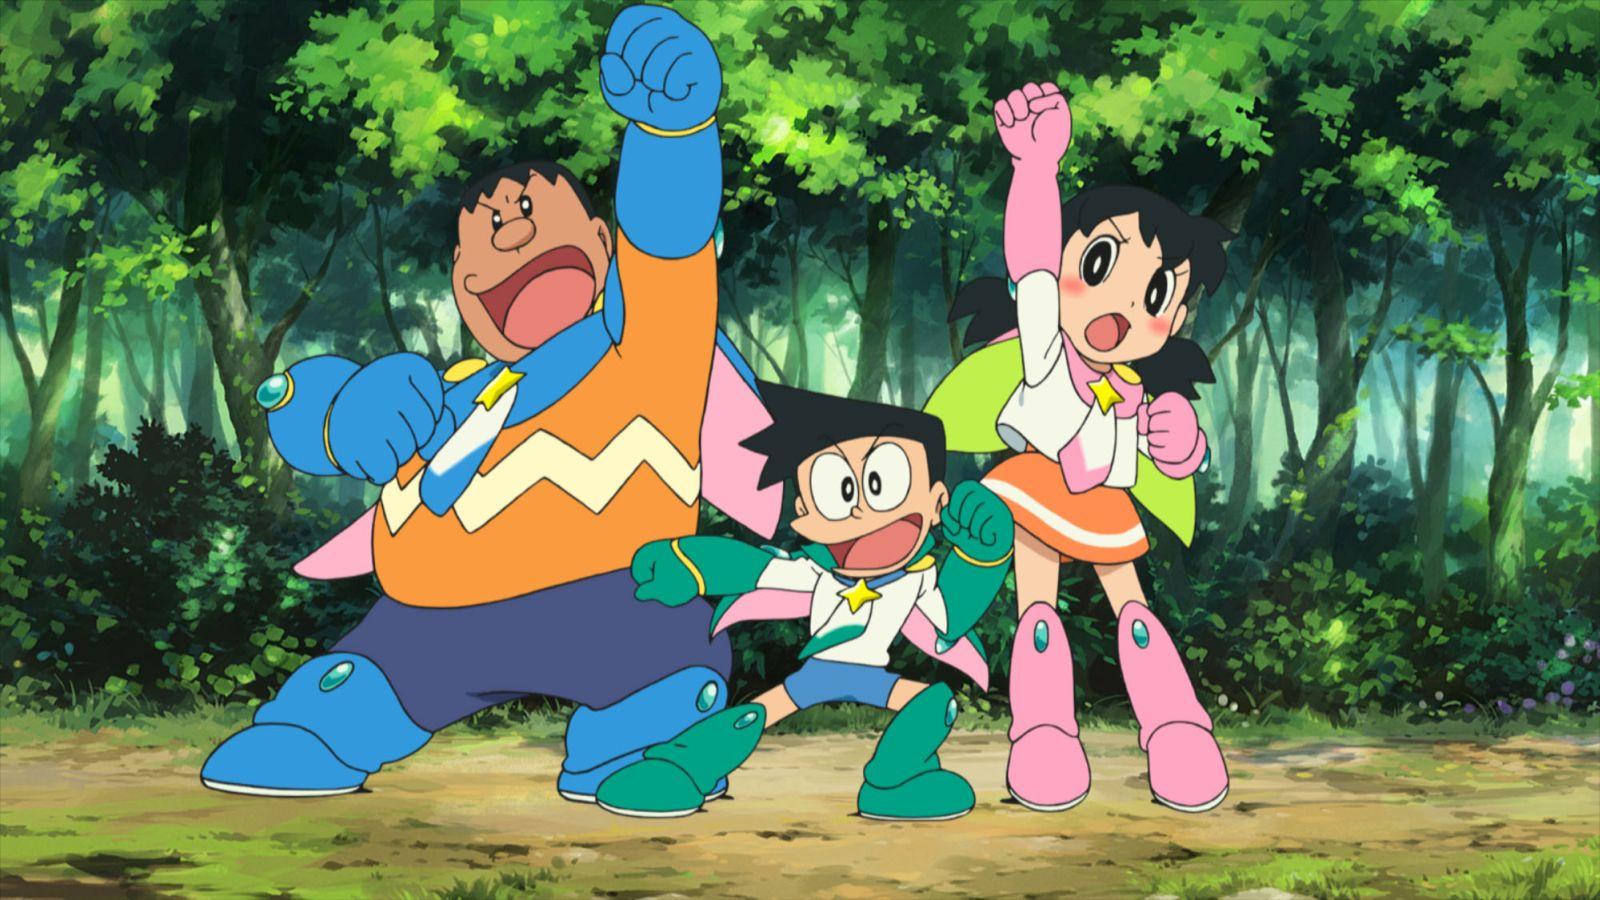 Doraemon il film: Nobita e gli eroi dello spazio, un'immagine tratta dal film d'animazione